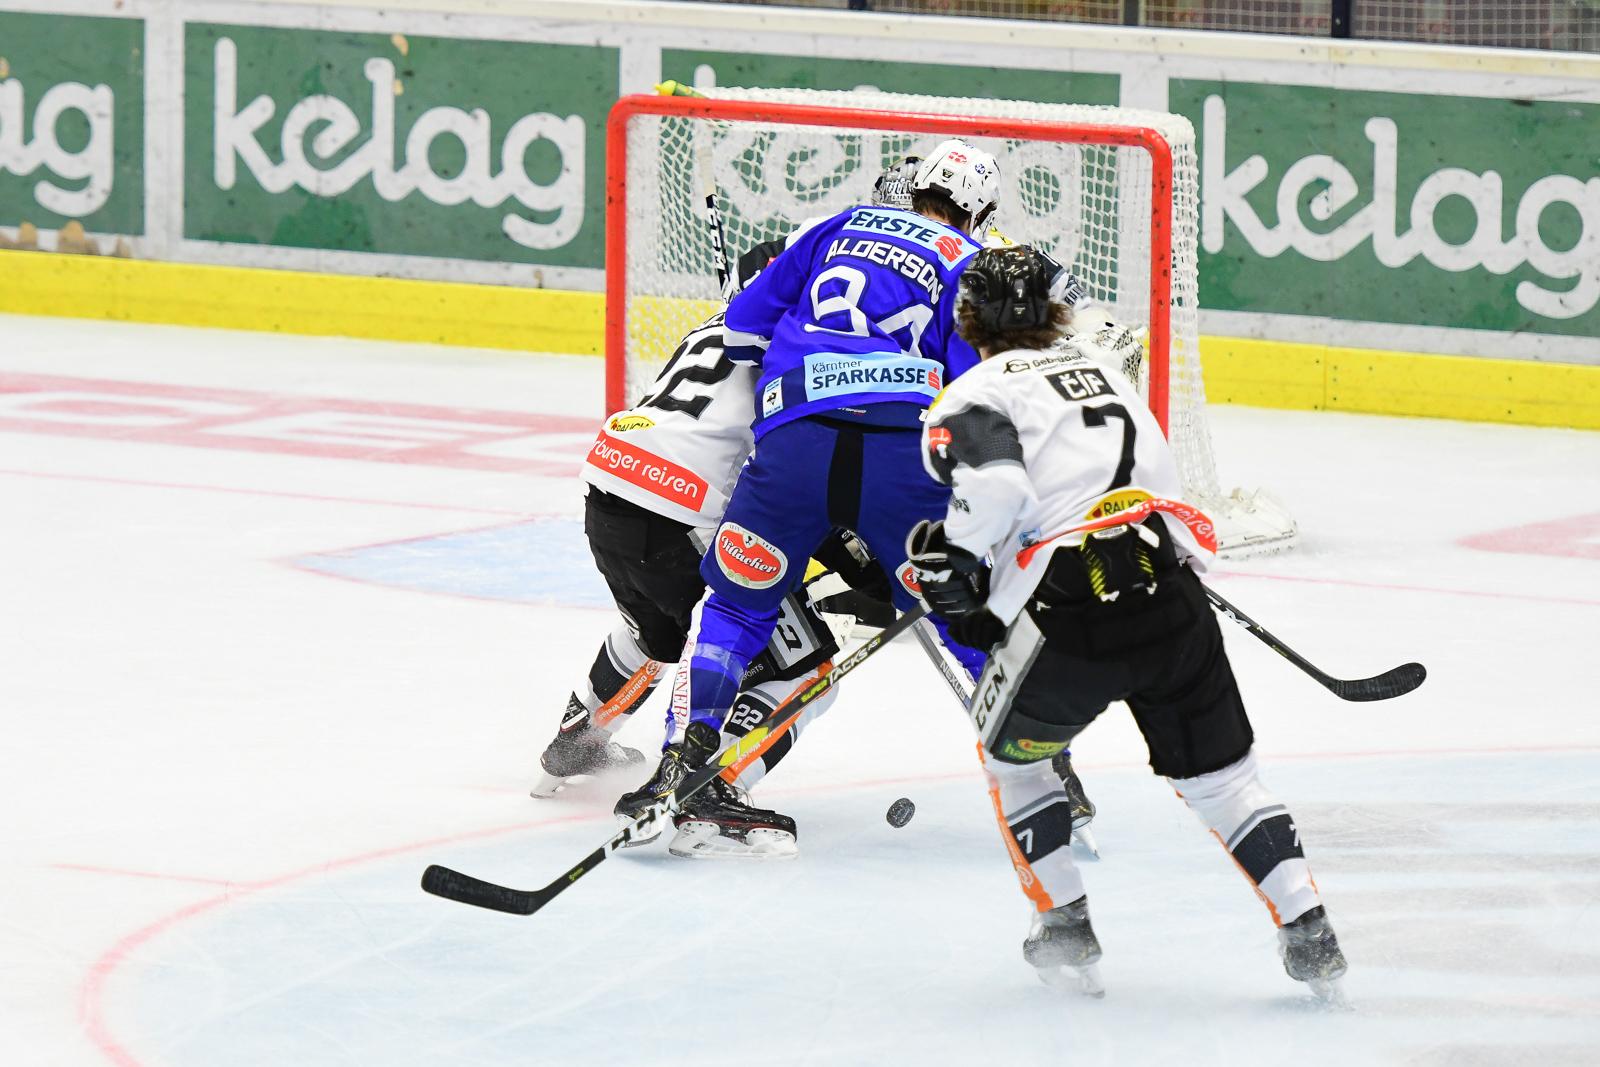 Bild von Bulldogs gegen Adler in Dornbirn